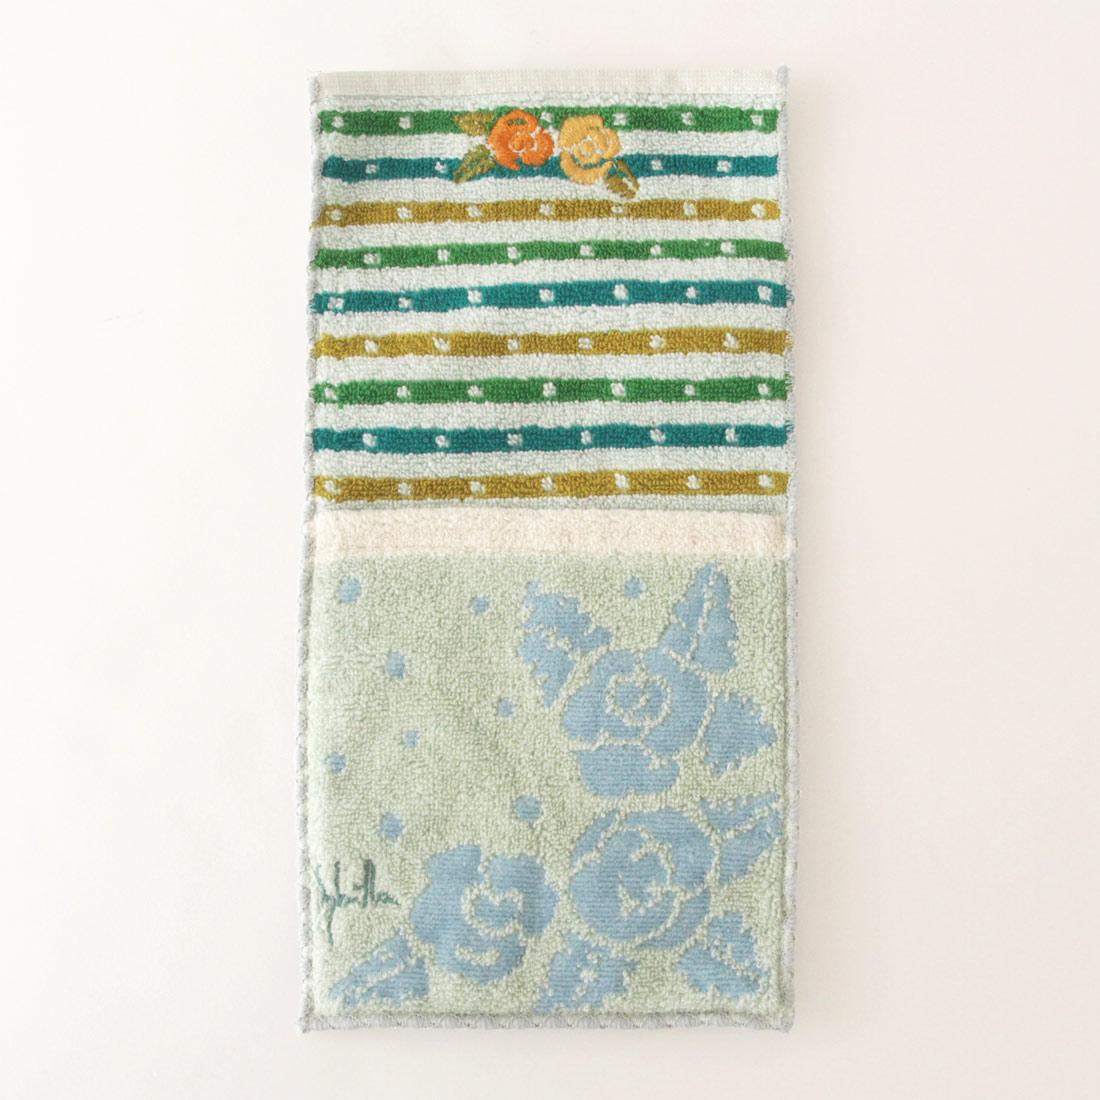 シビラ ポケットタオルハンカチ 1202 グリーン